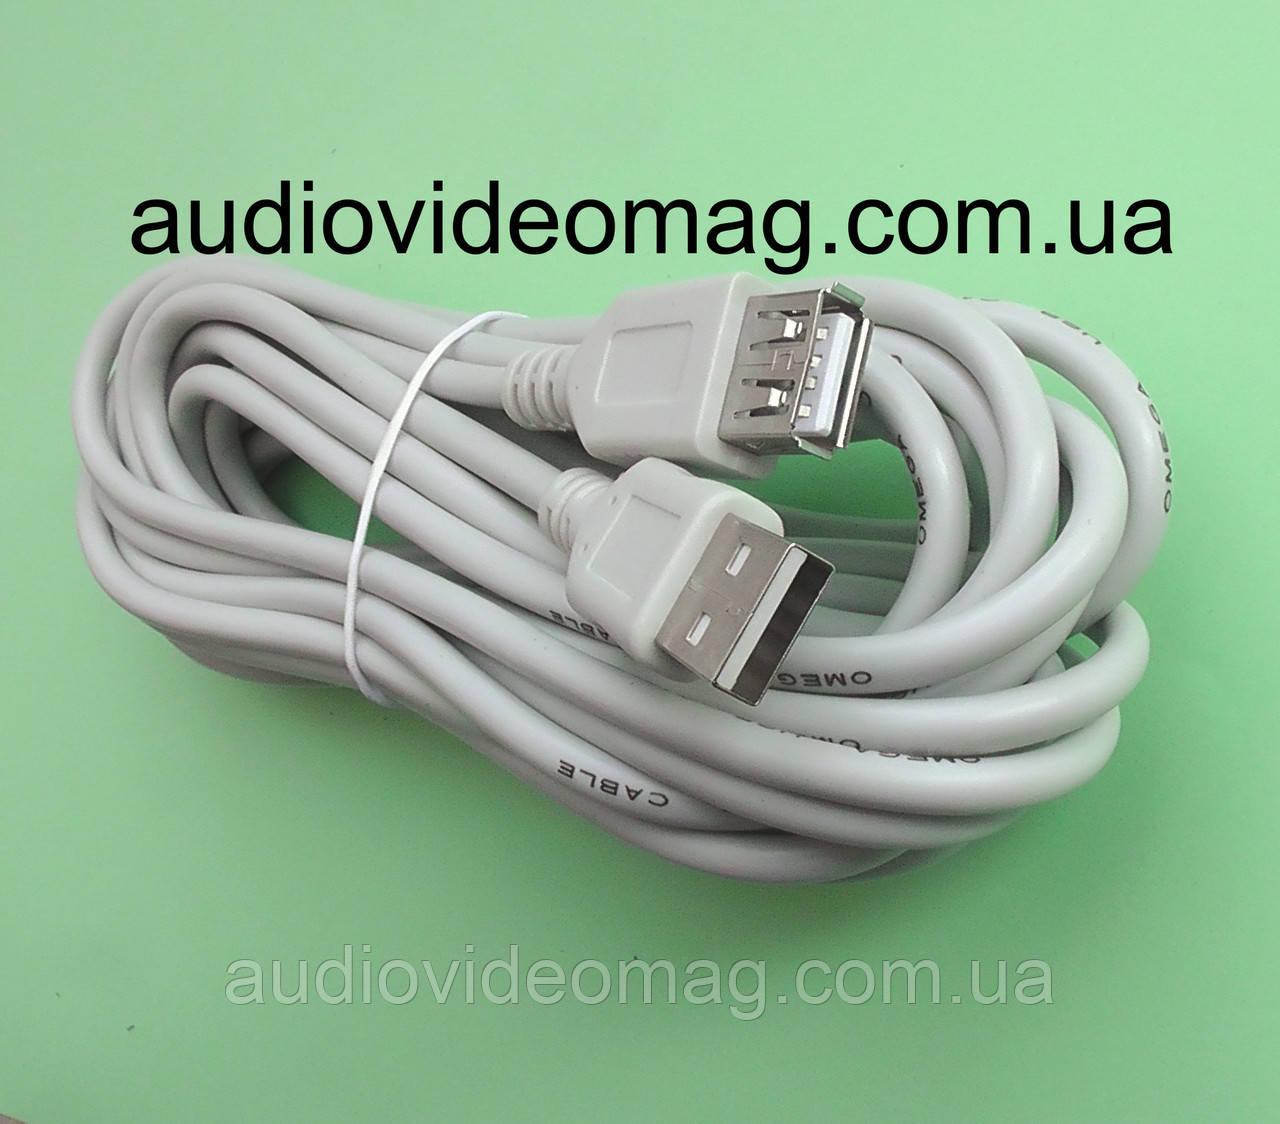 Кабель-удлинитель USB 2.0 AM-AF, длина 5 метров